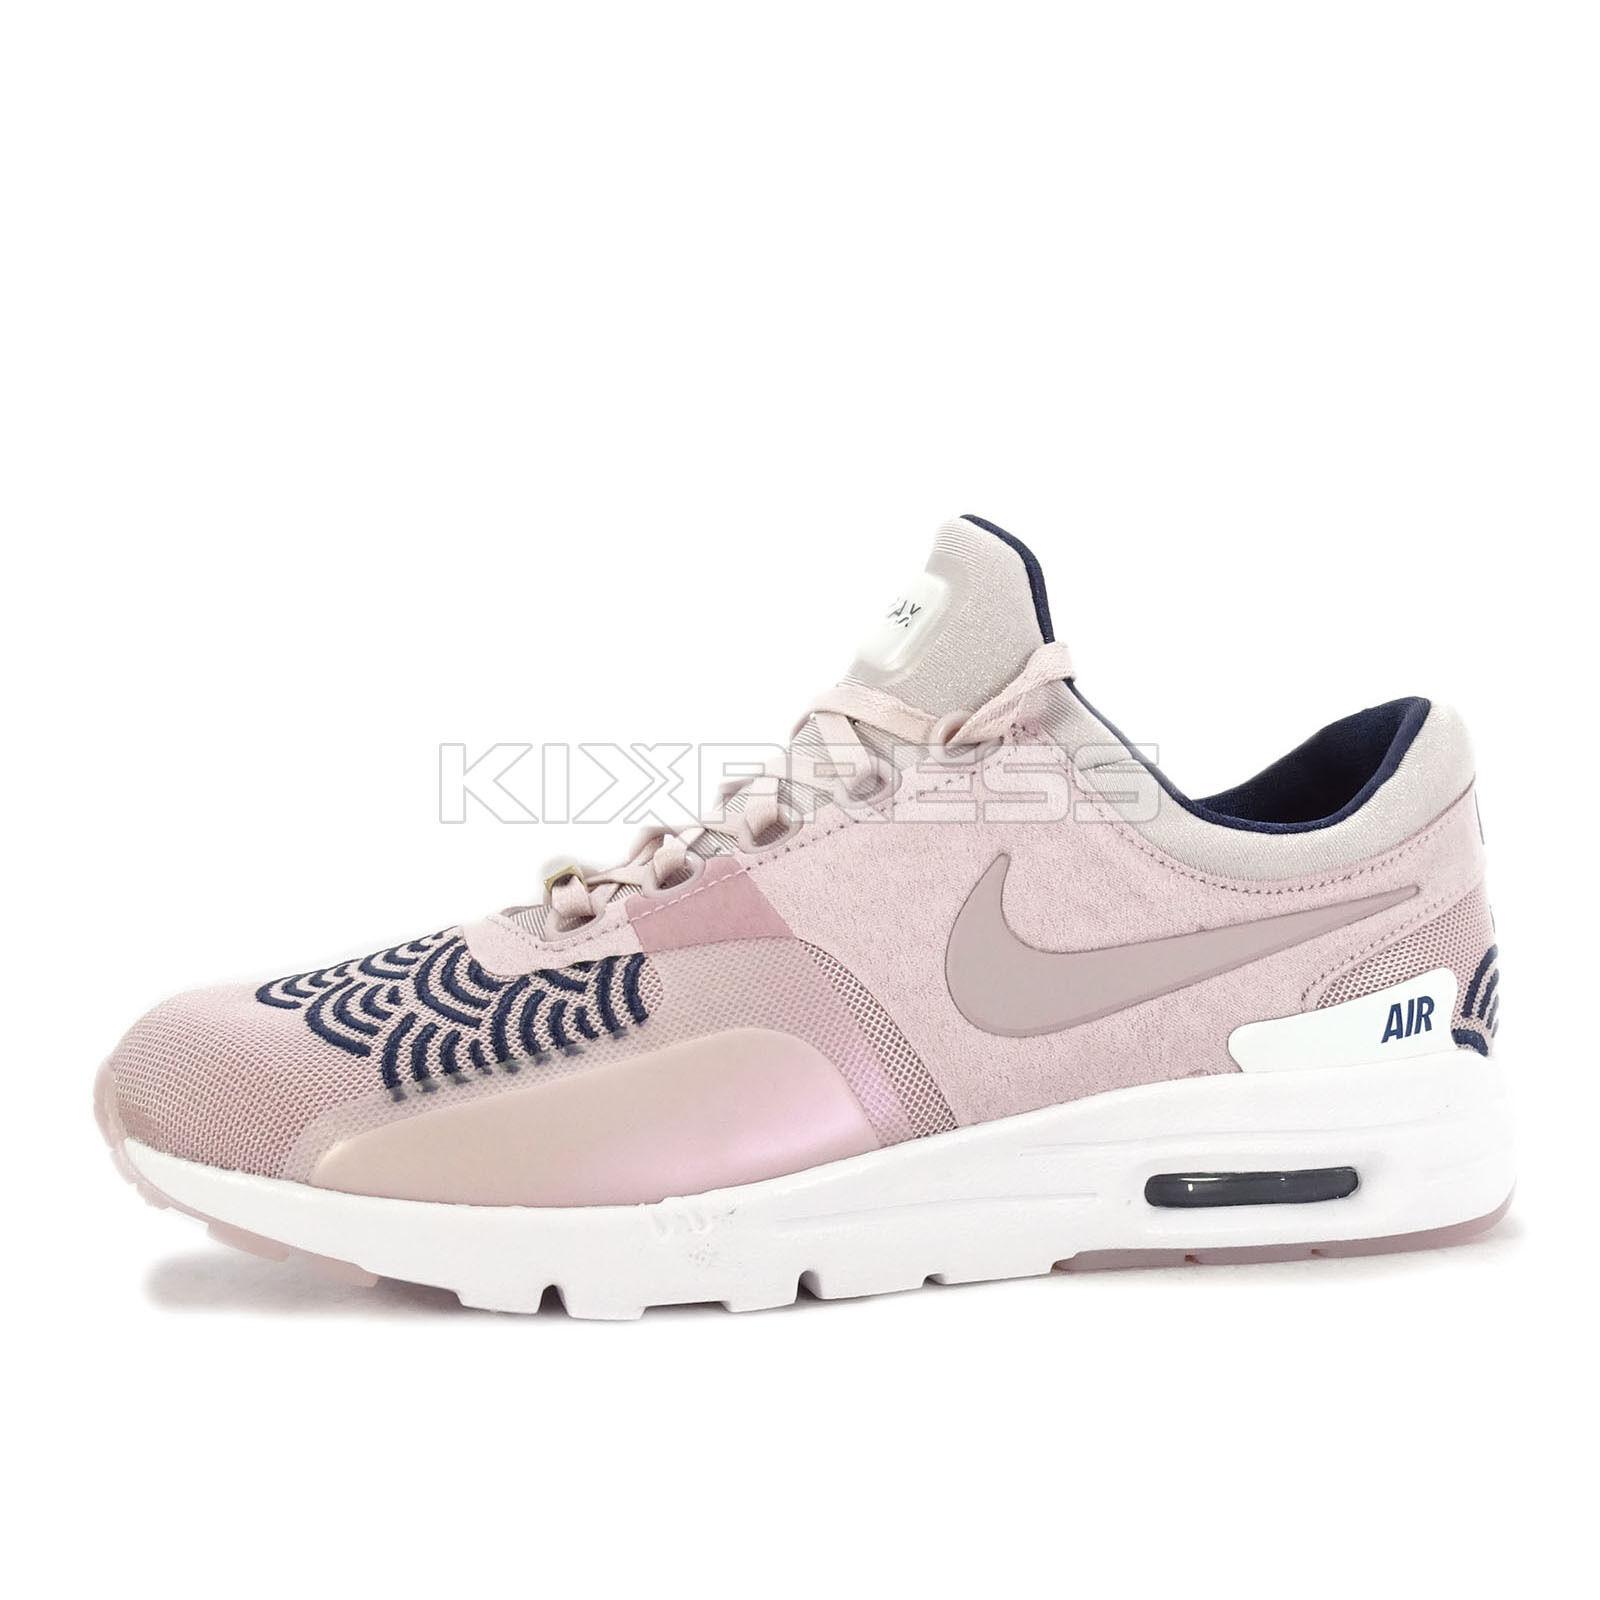 Nike Wmns Air Max Zero LOTC QS reducción de Tokyo precios NSW corriendo City Tokyo de champagne el último descuento zapatos para hombres y mujeres cd0f13